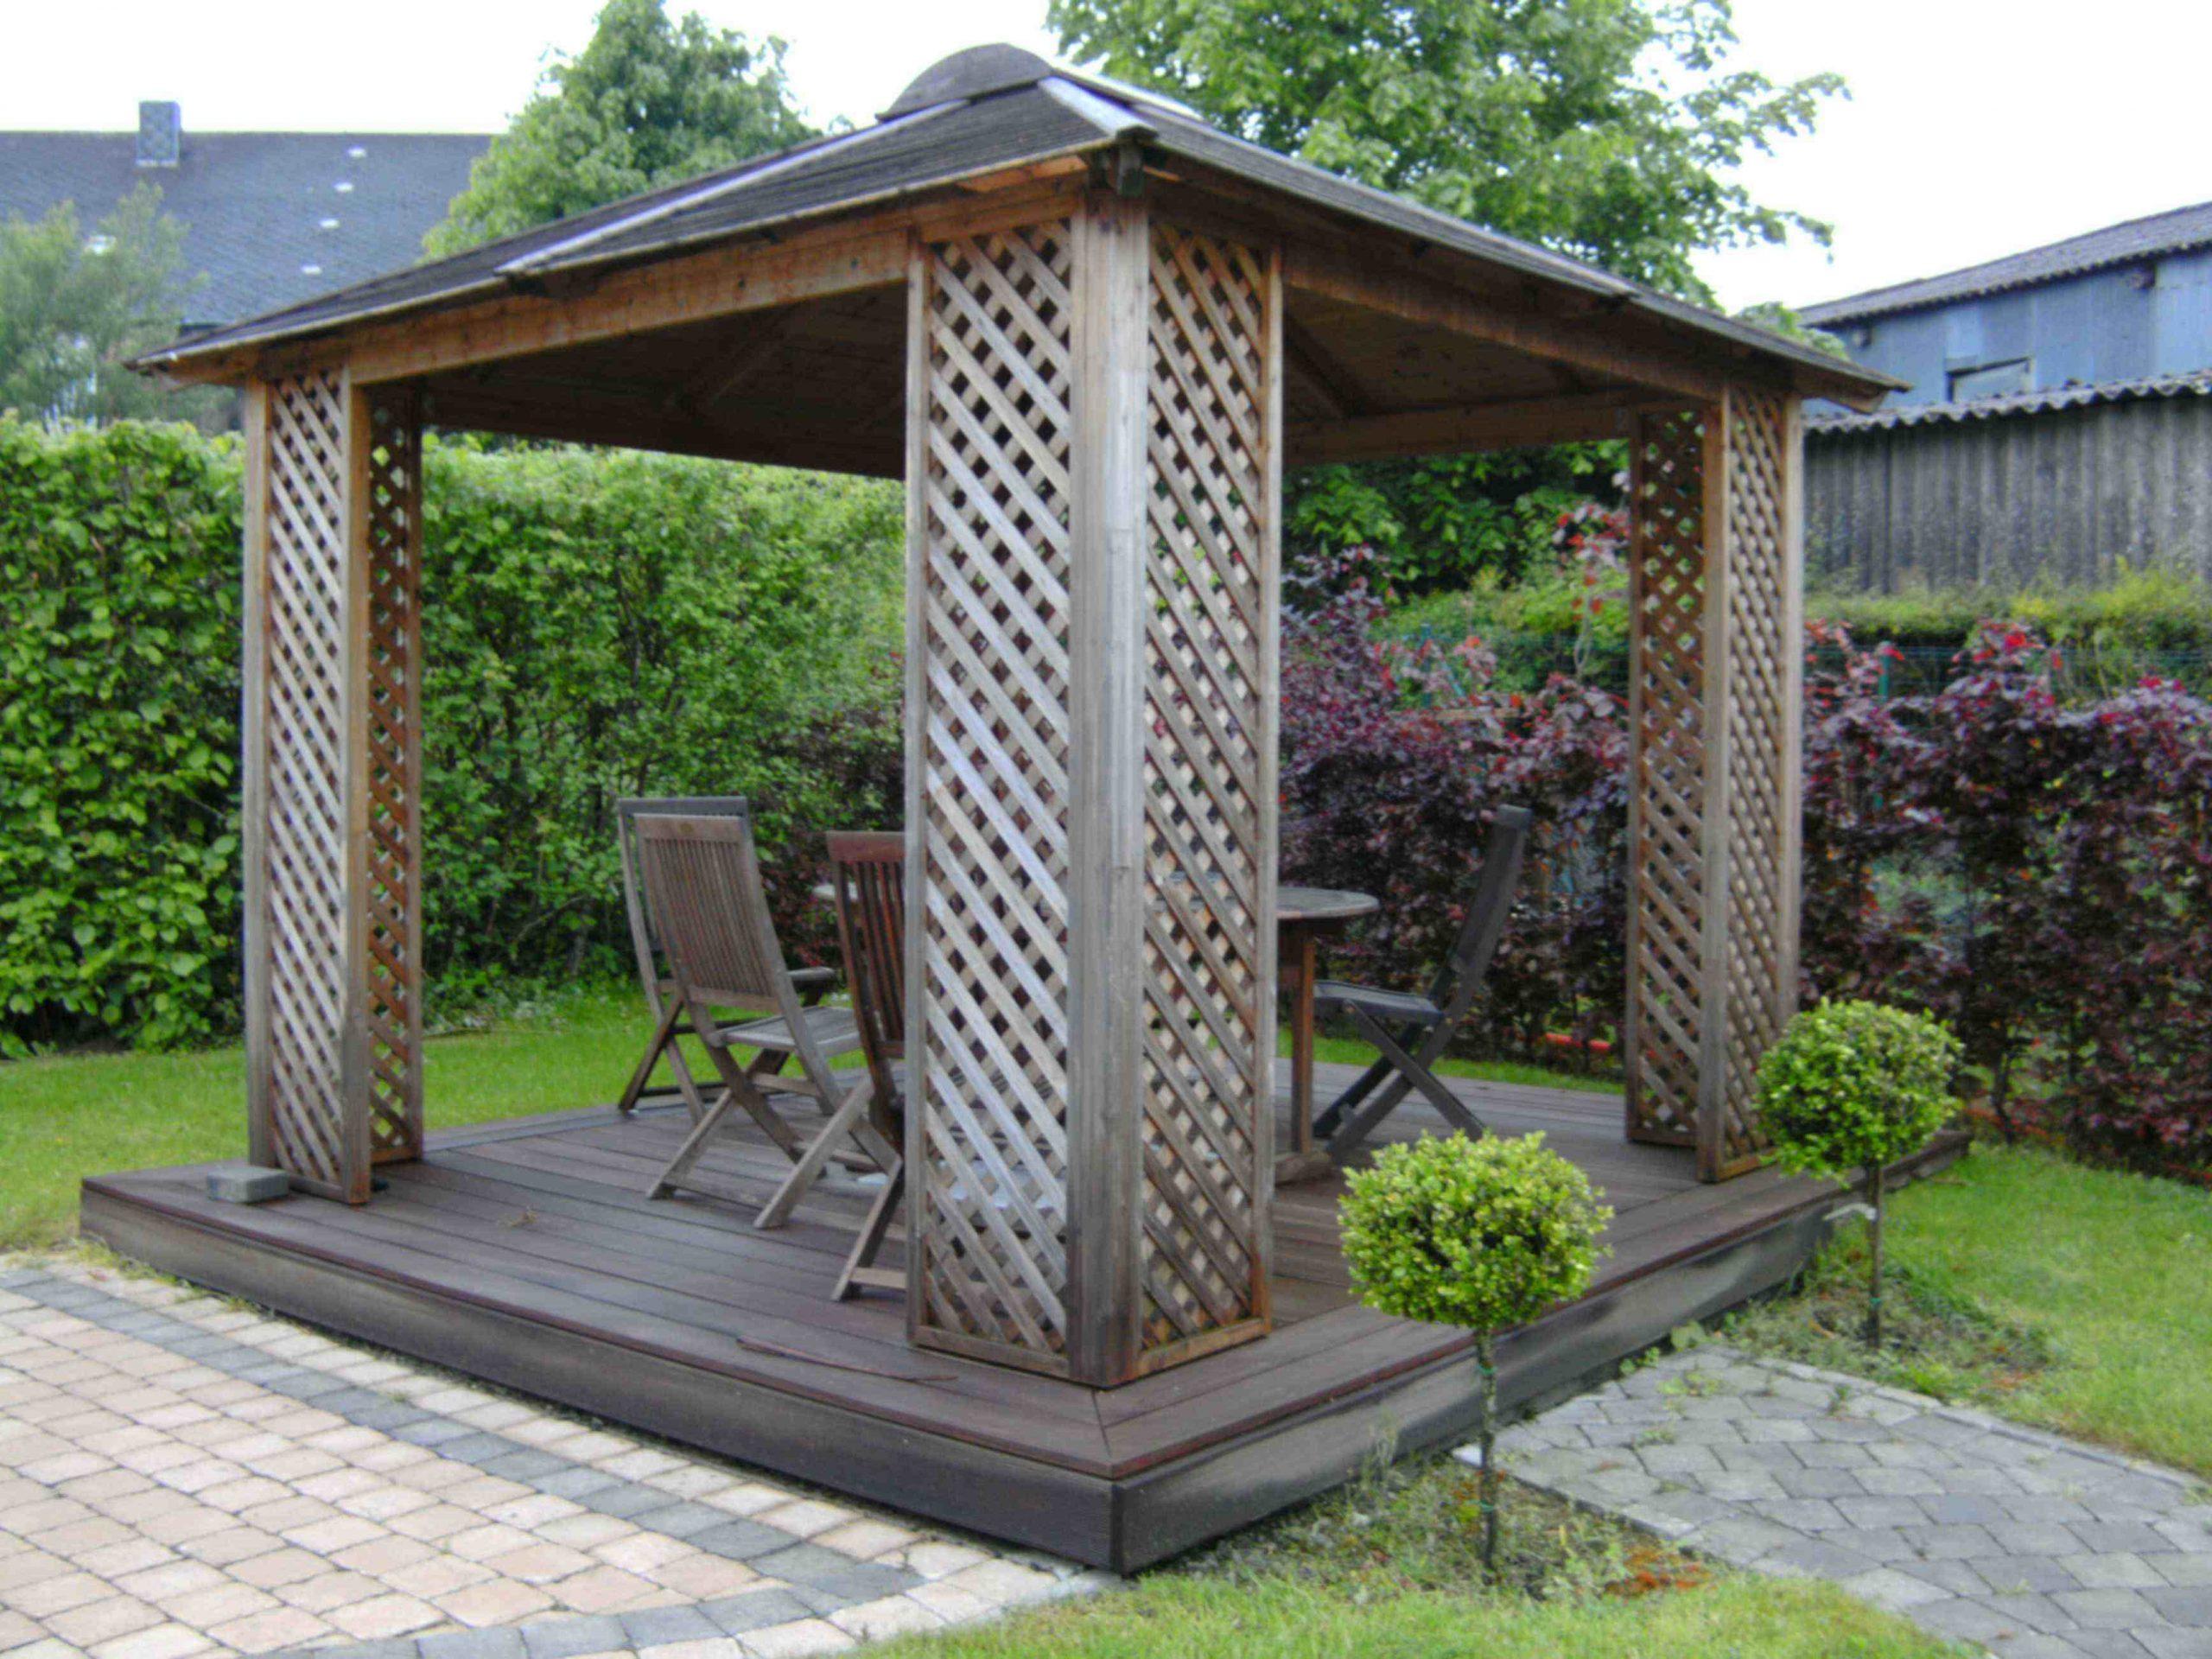 Tonnelle De Jardin En Bois Belgique, Namur encequiconcerne Tonnelle De Jardin En Bois